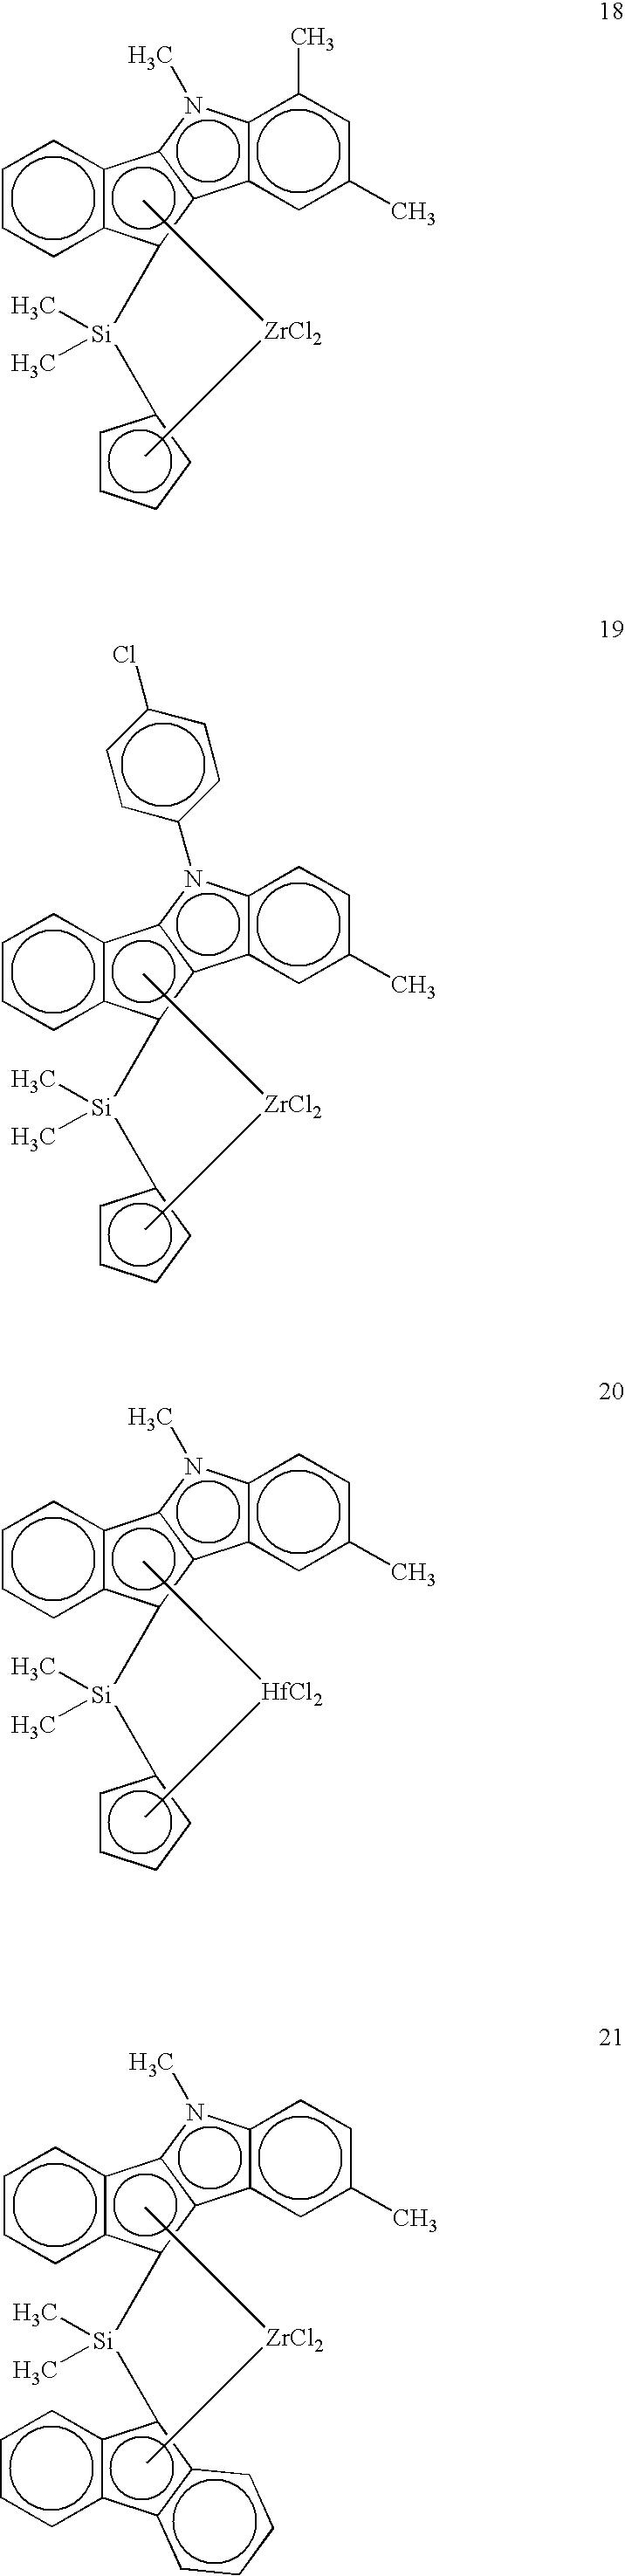 Figure US20090062490A1-20090305-C00010